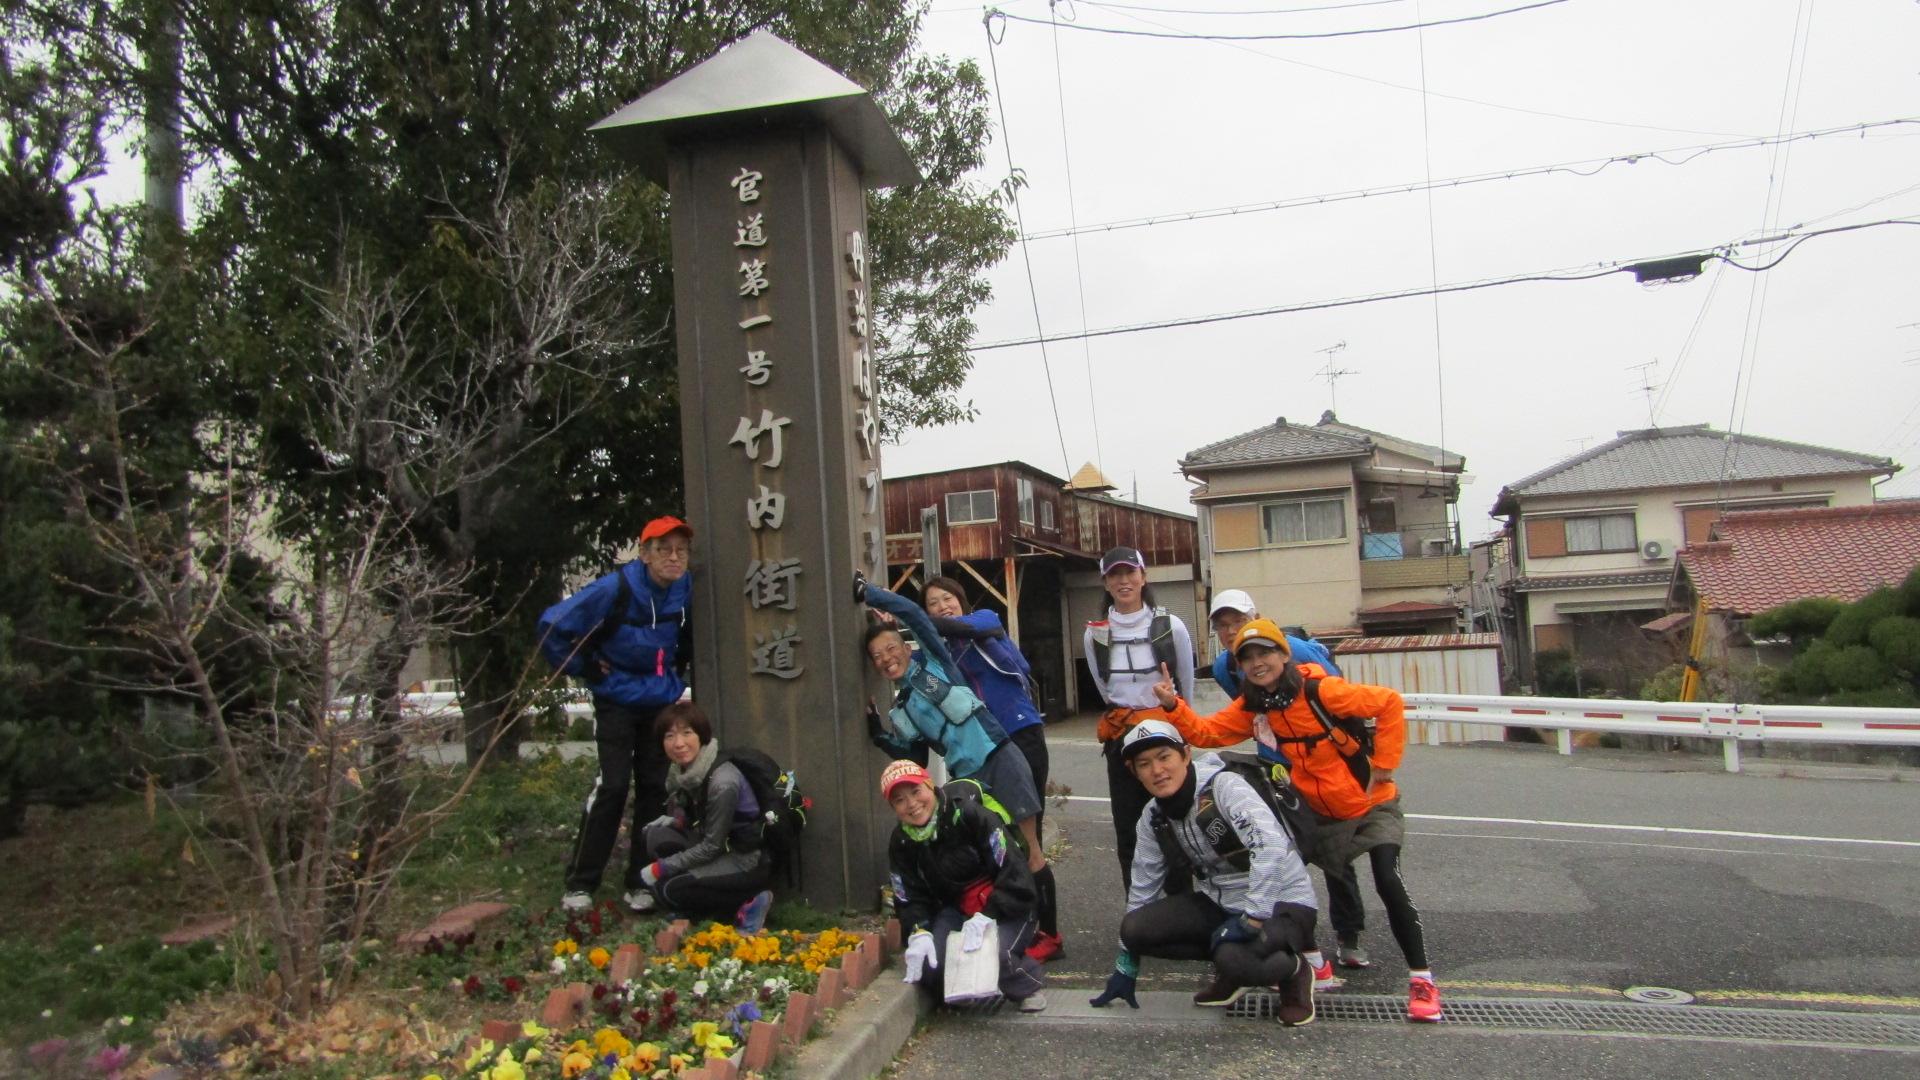 1/12 『大道マラニック(竹内&長尾街道)』 3